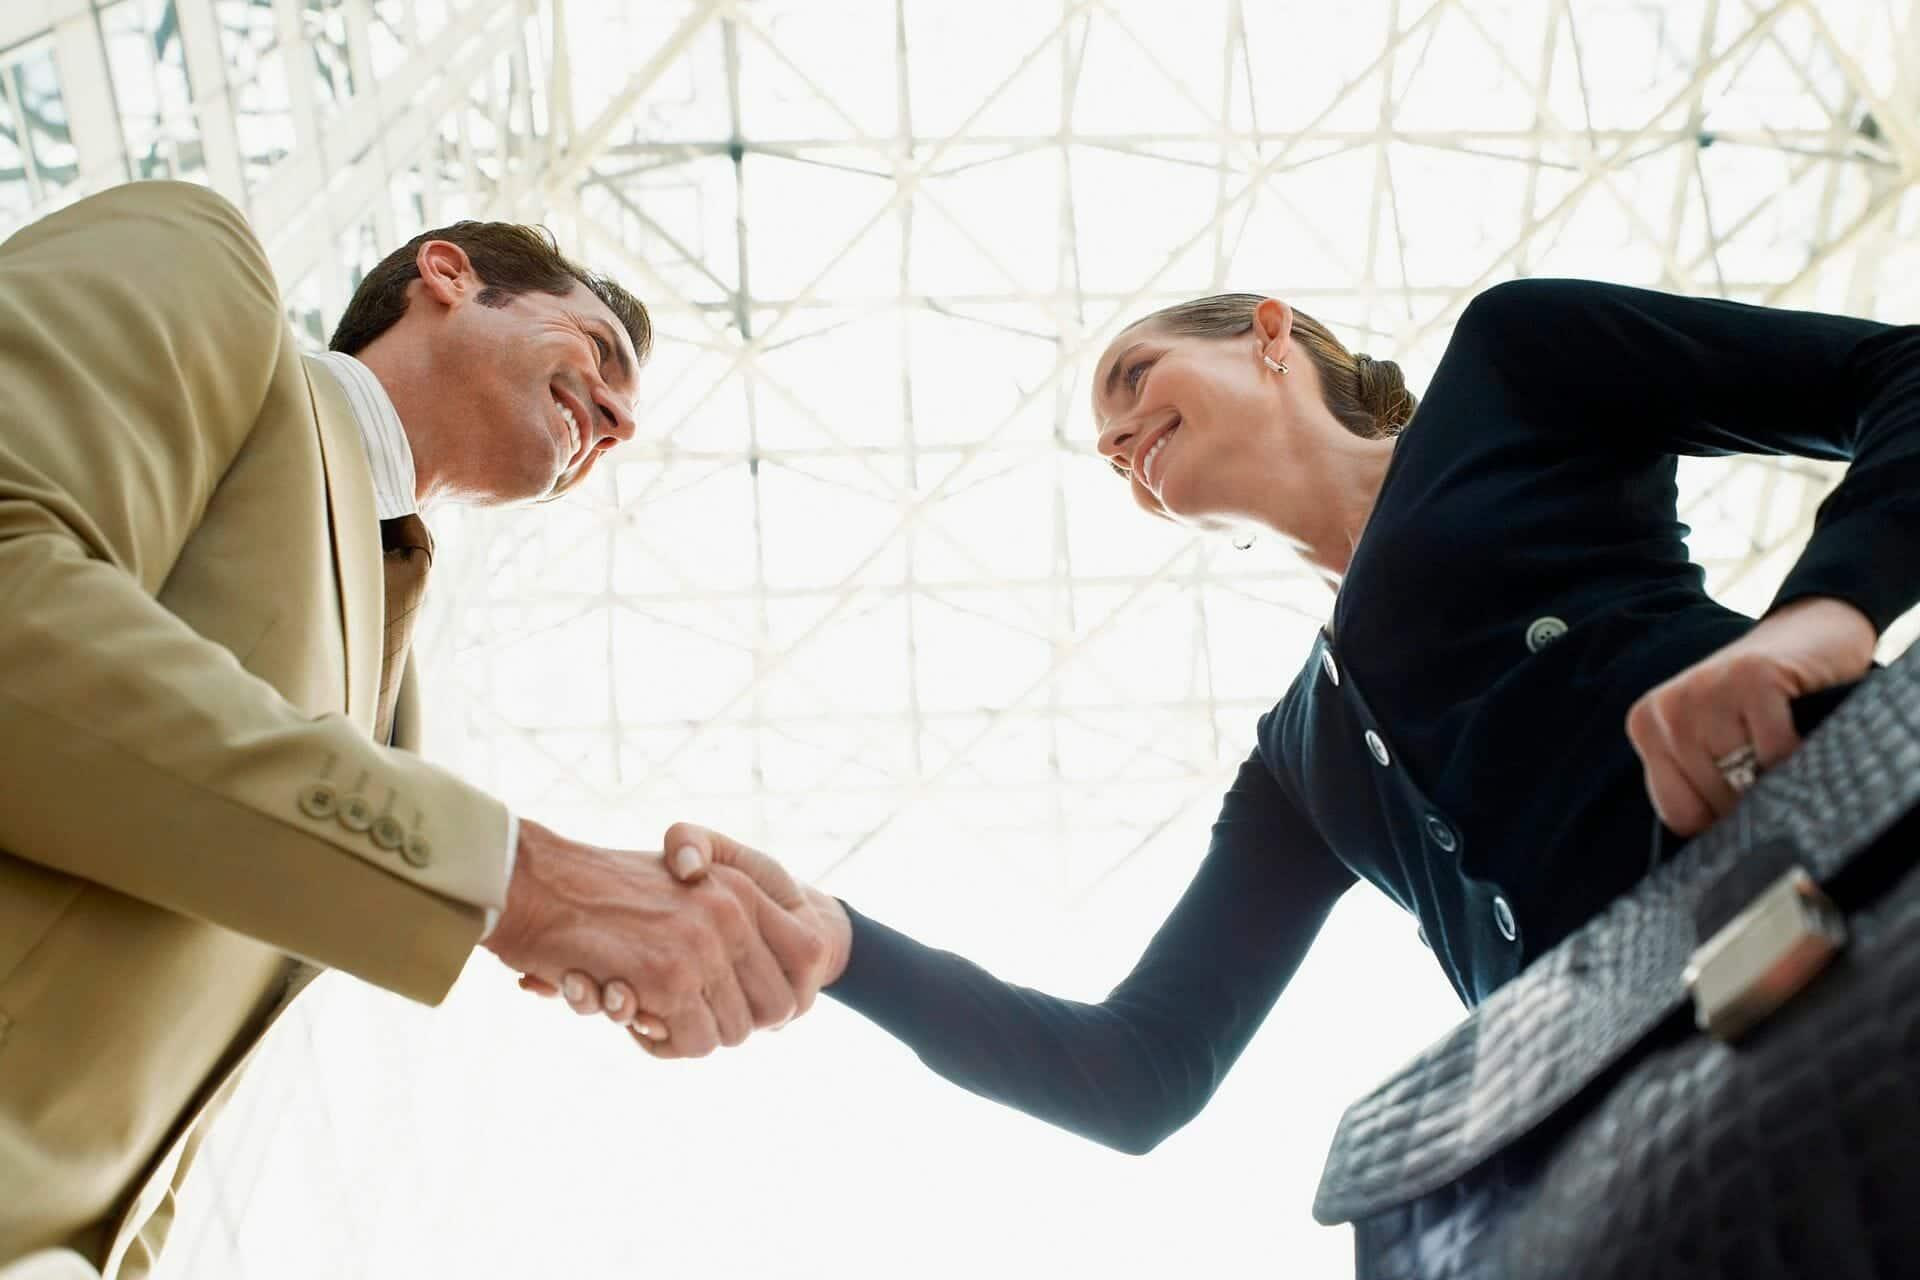 Qu U00e9 Necesitas Aprender Para Empezar A Negociar